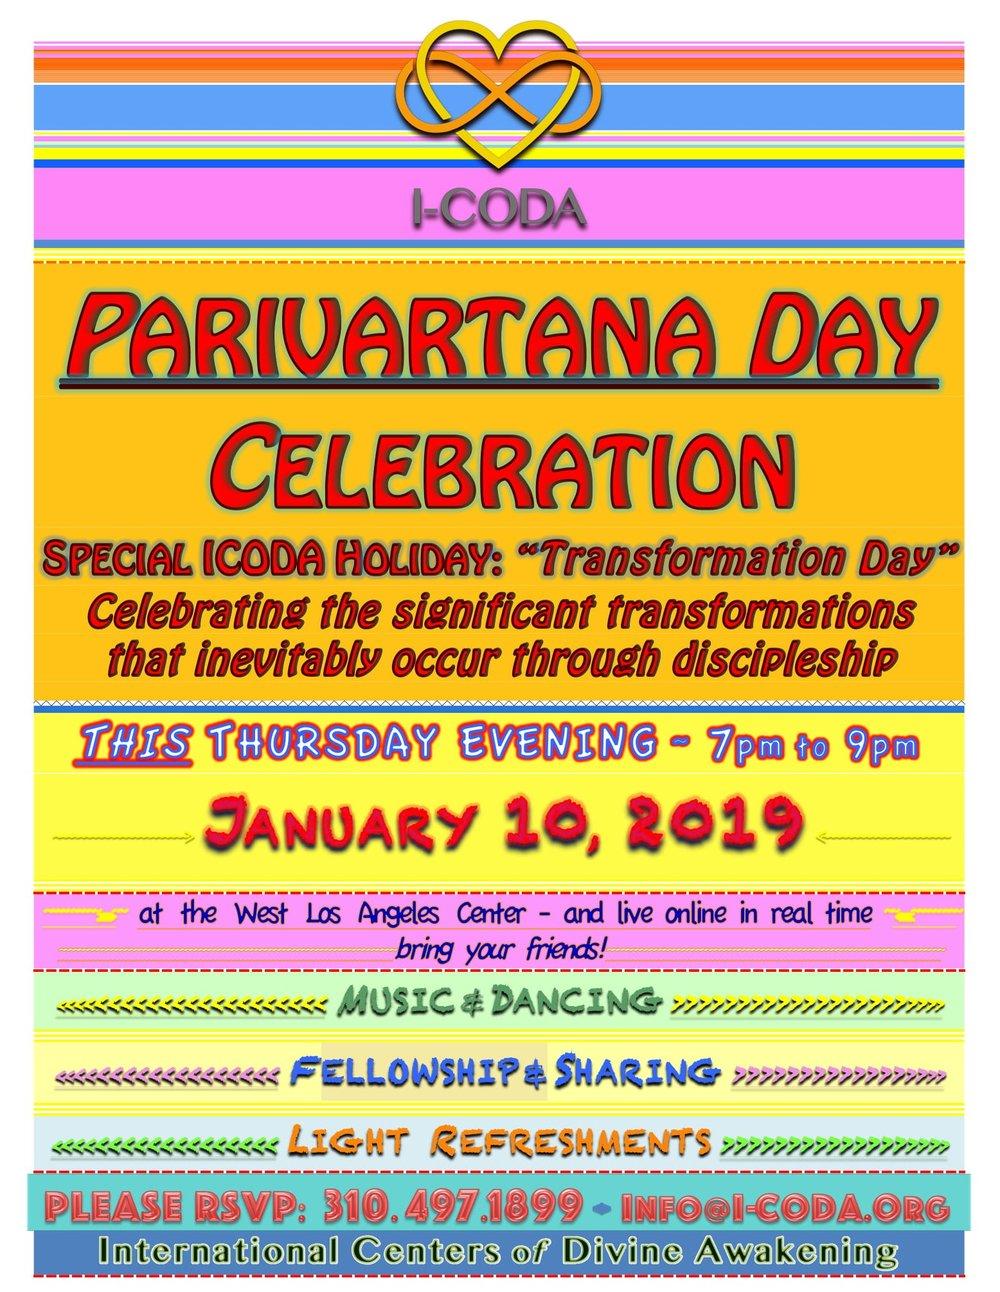 PARIVARTANA DAY celebration 2019 -1.jpg